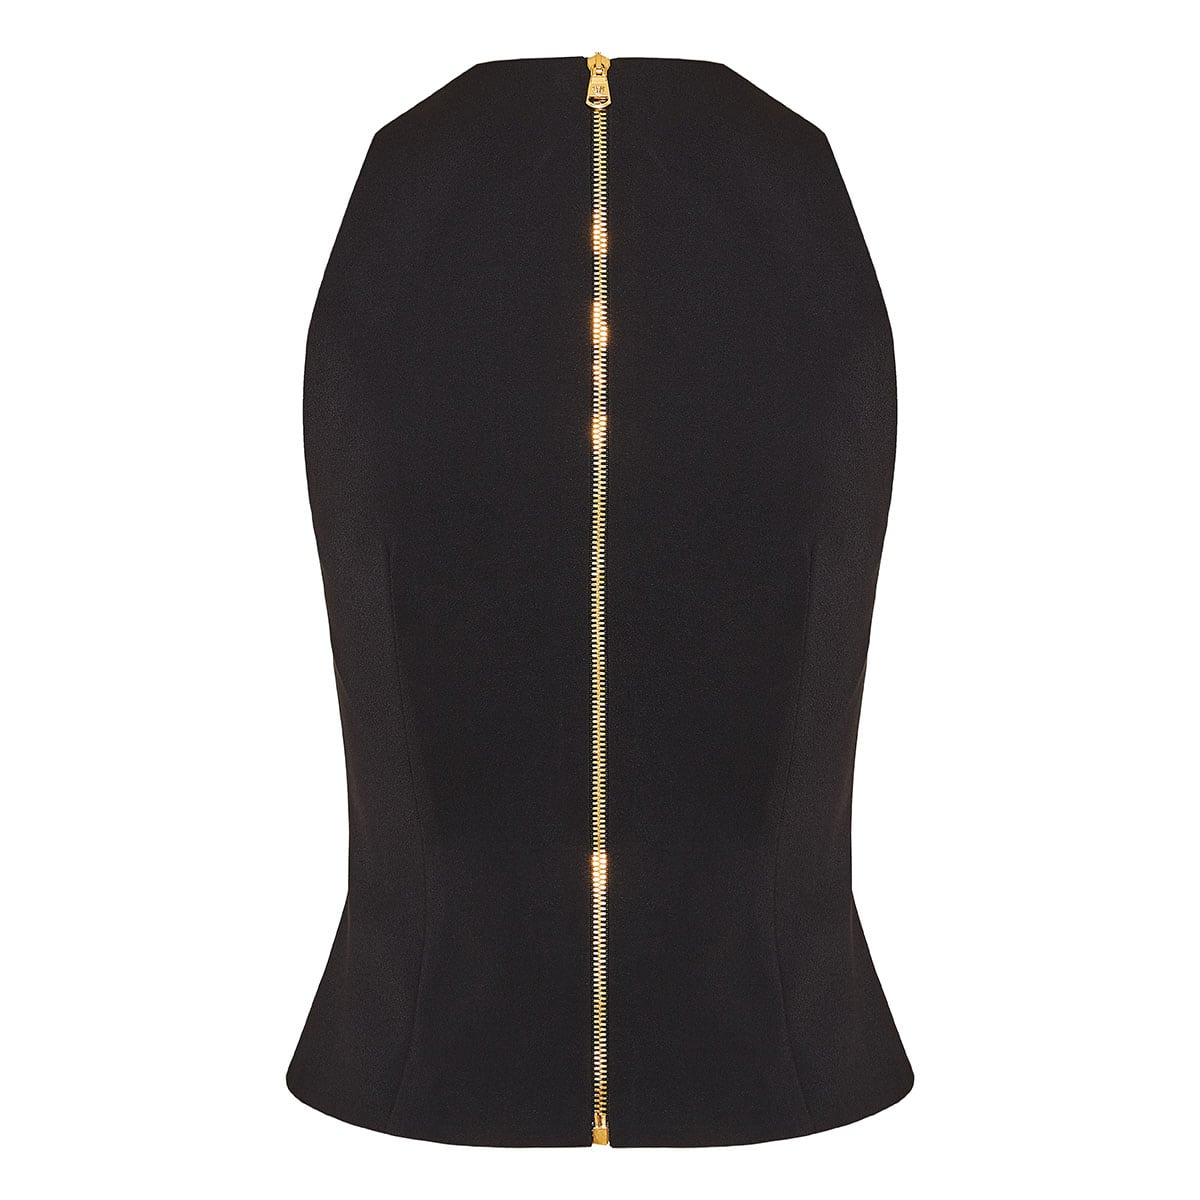 Square neckline bustier top